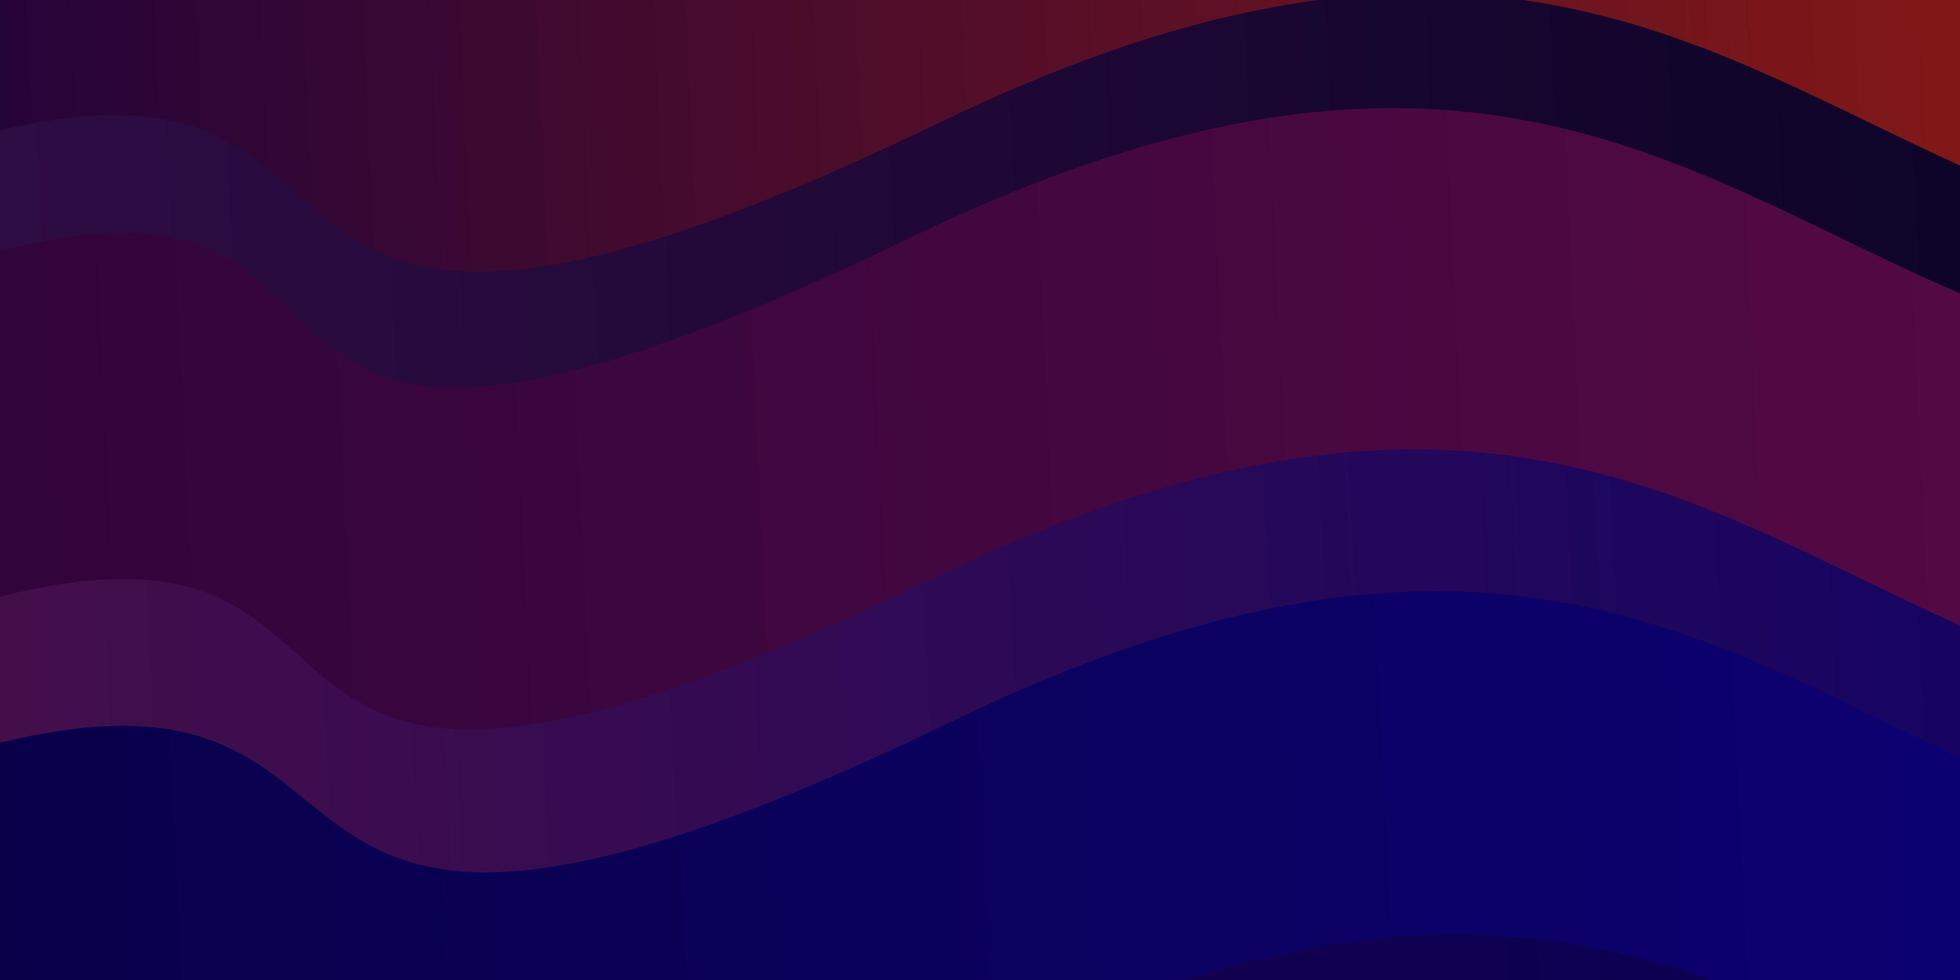 modèle vectoriel bleu foncé, rouge avec des courbes.